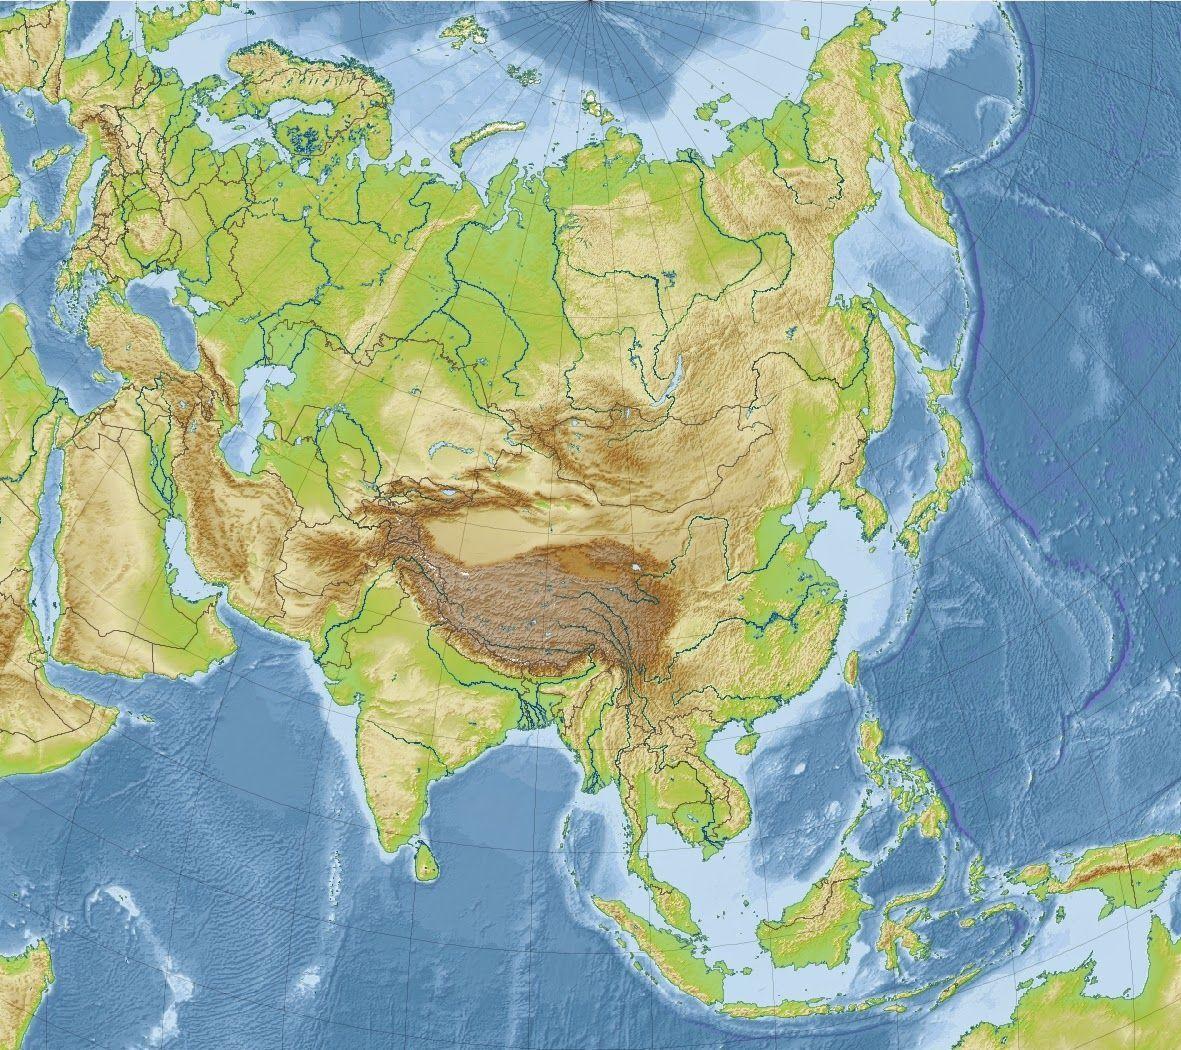 ¿Y de cuántos países consta Asia?